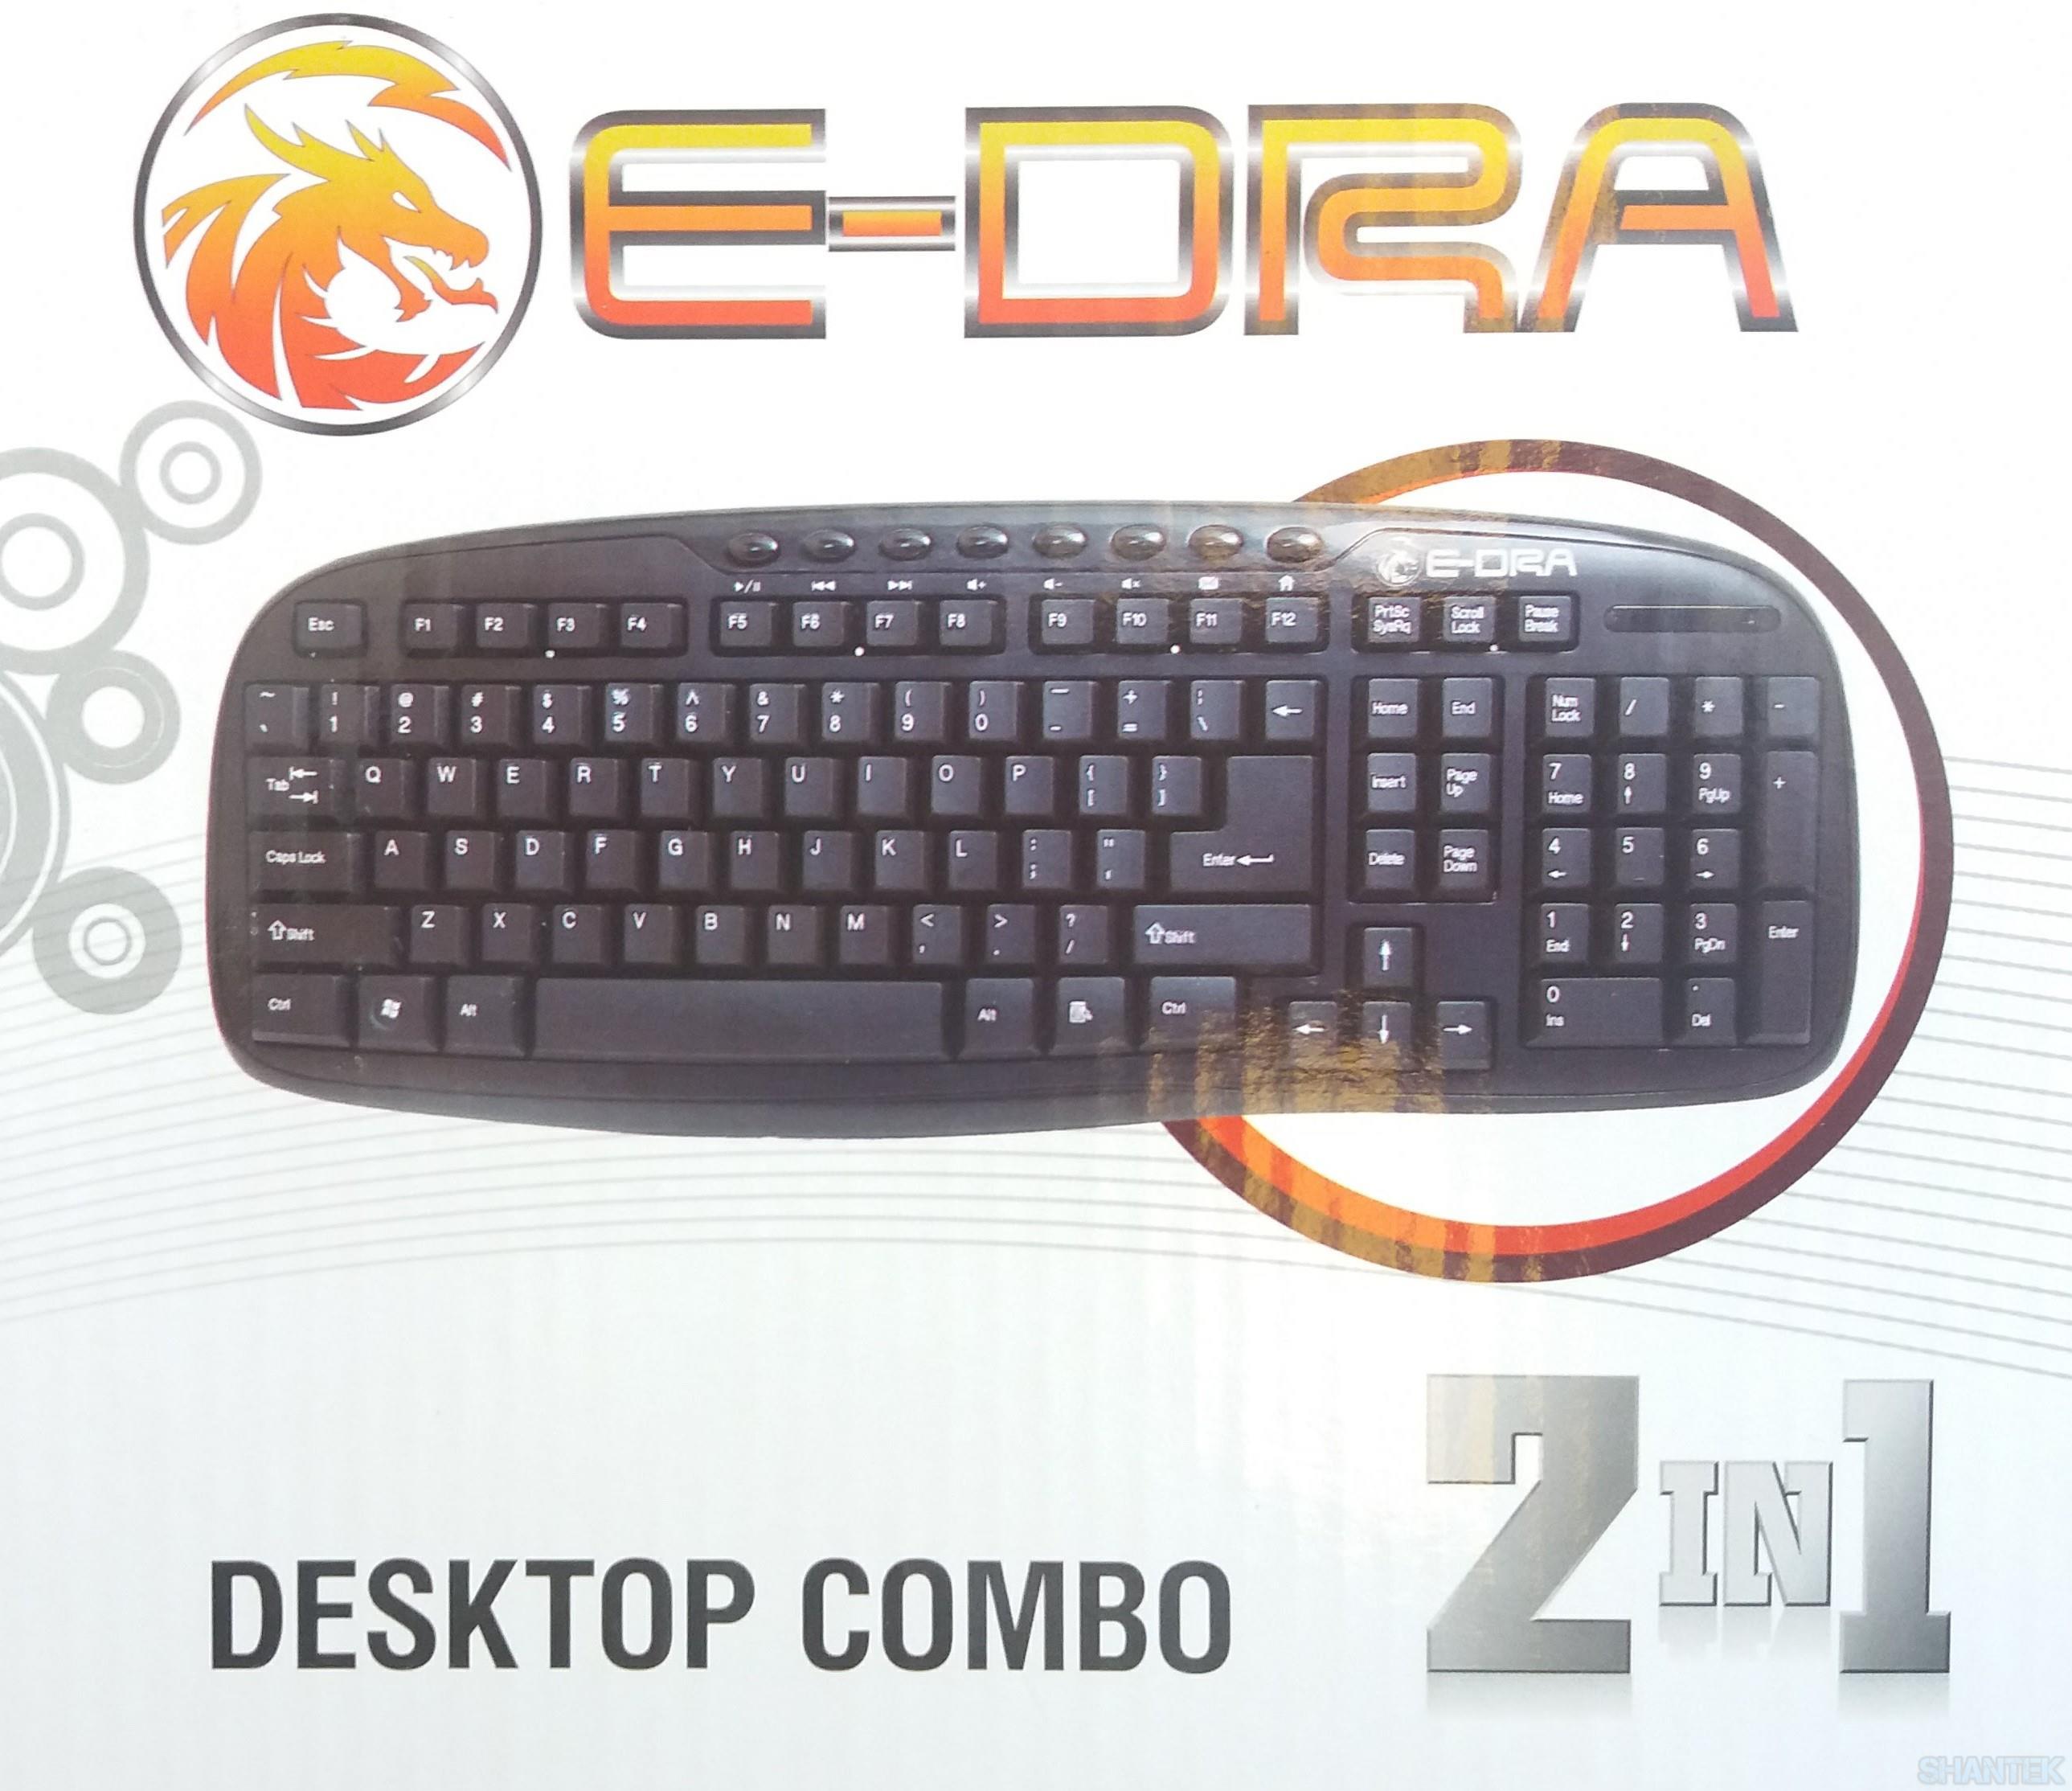 Bộ Chuột & Bàn phím E-Dra EC888BK Wireless